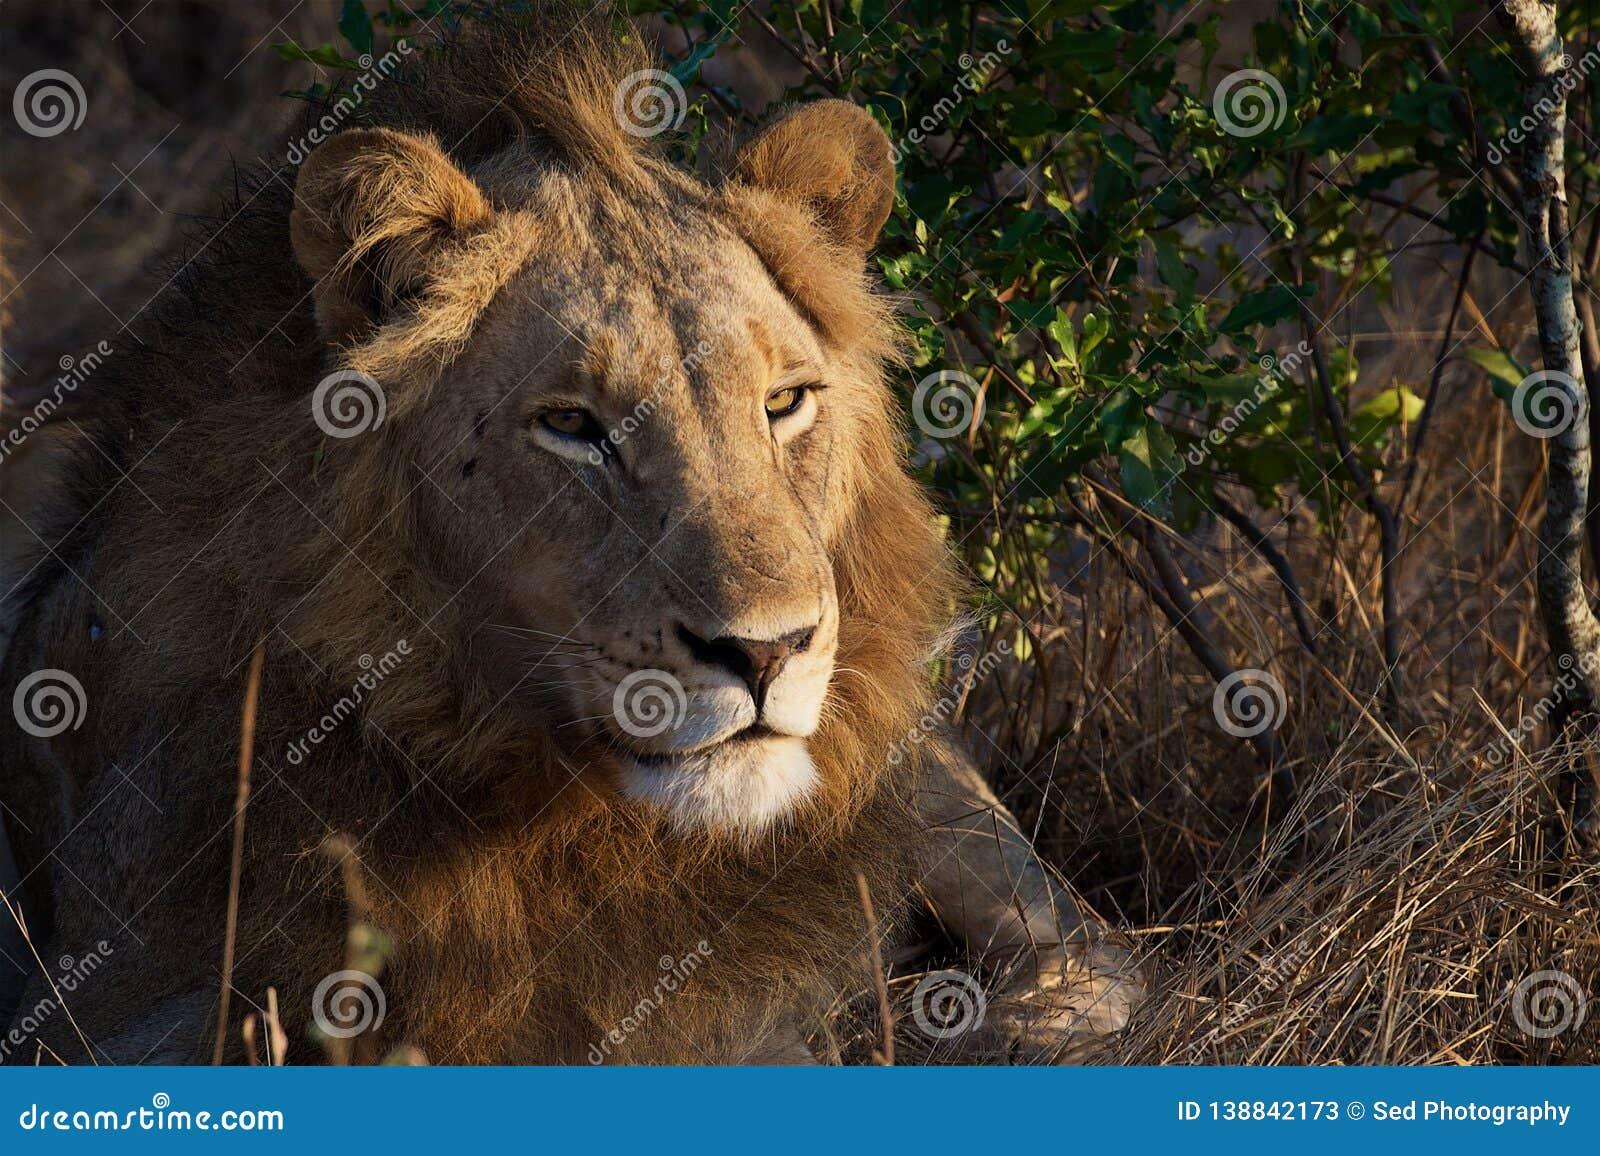 Lion Pose in Kruger National Park